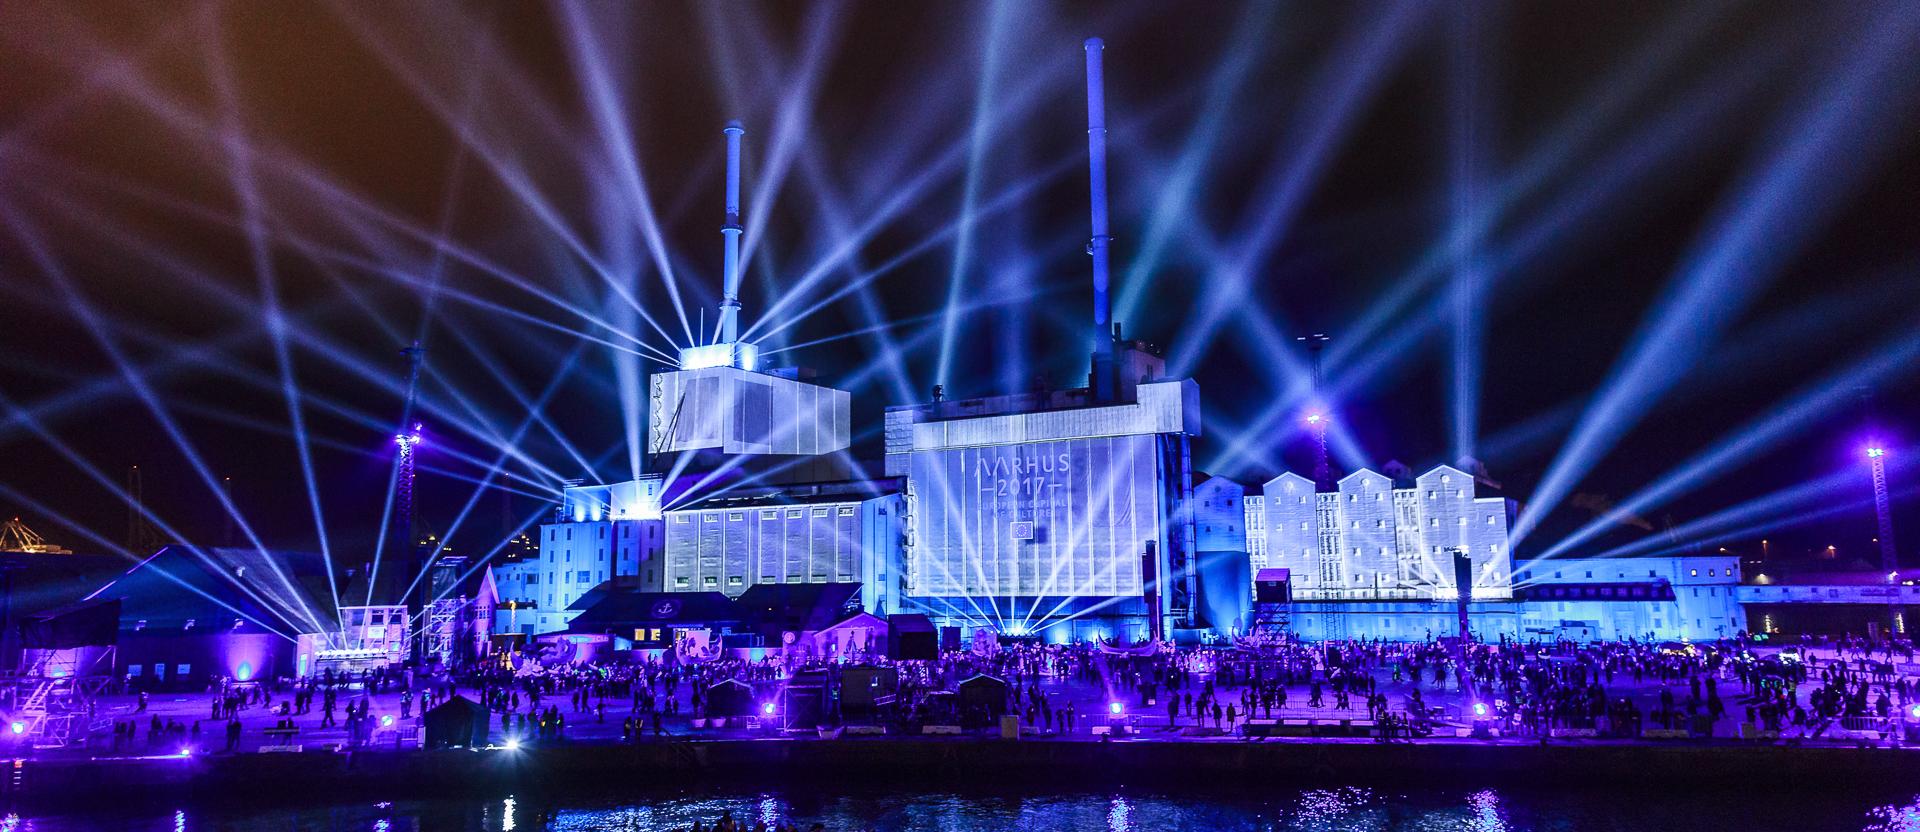 opening ceremony aarhus 2017